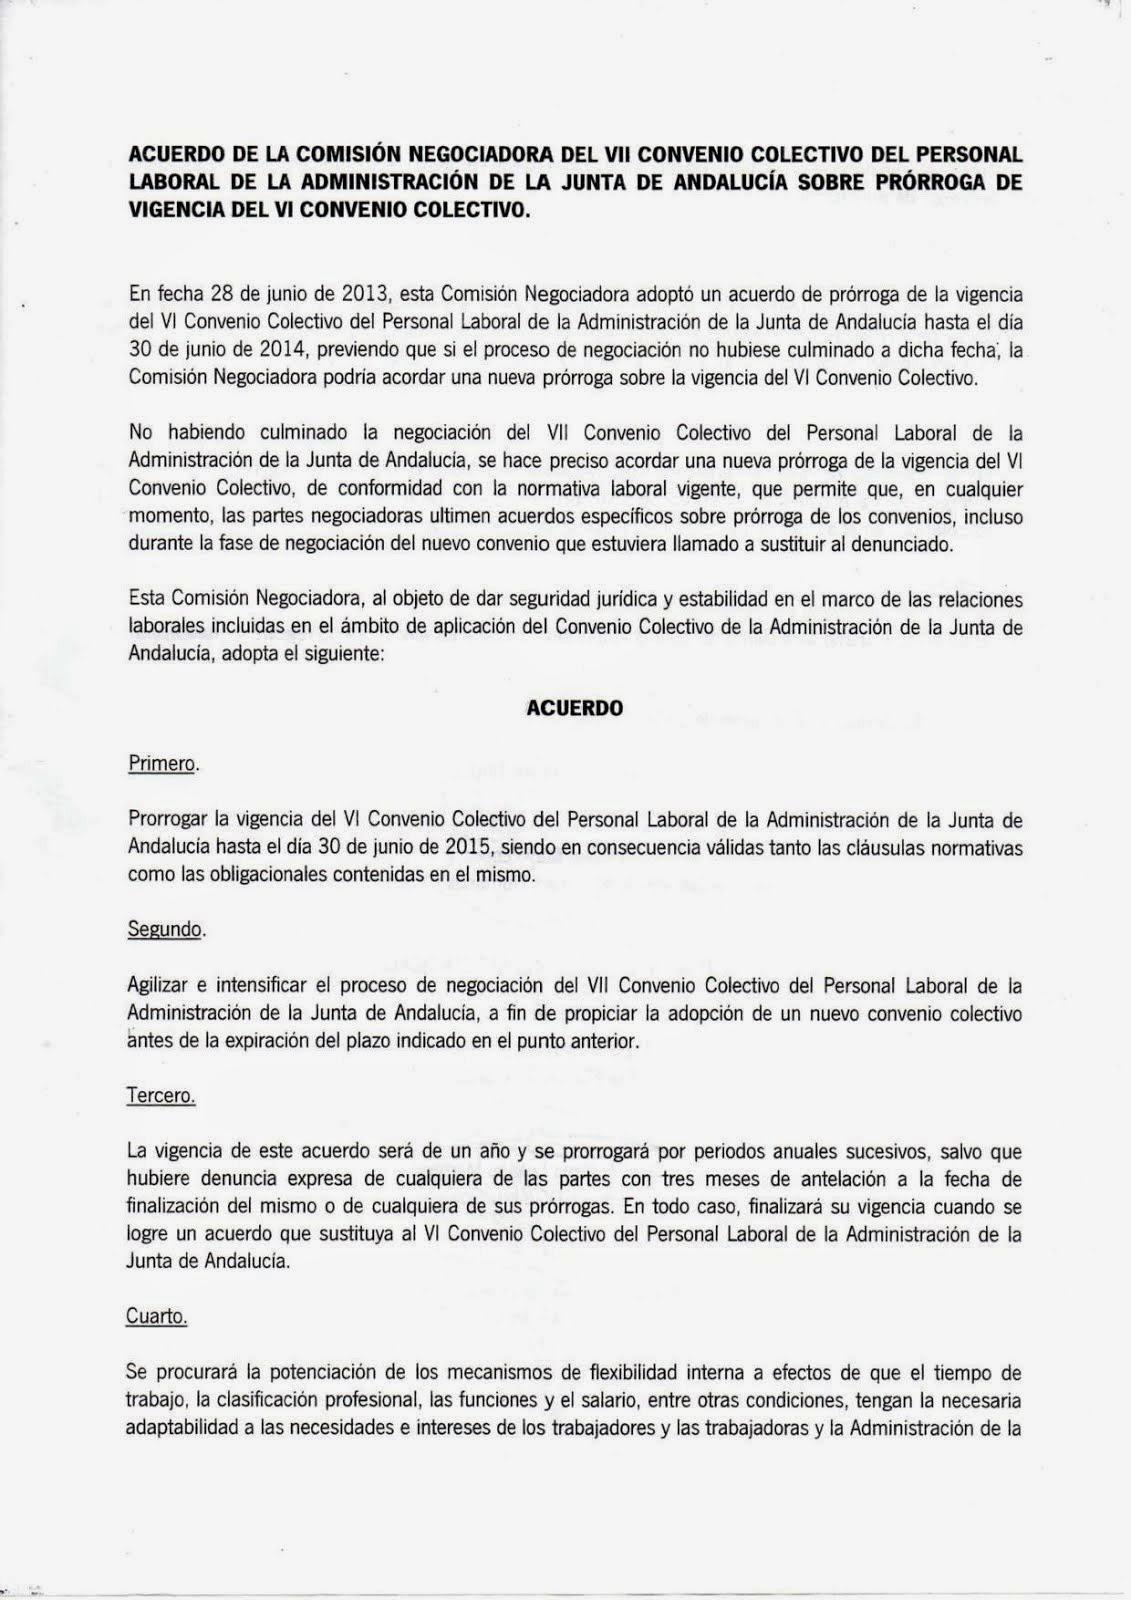 Prorrogado el VI Convenio hasta el 30 de Junio de 2015